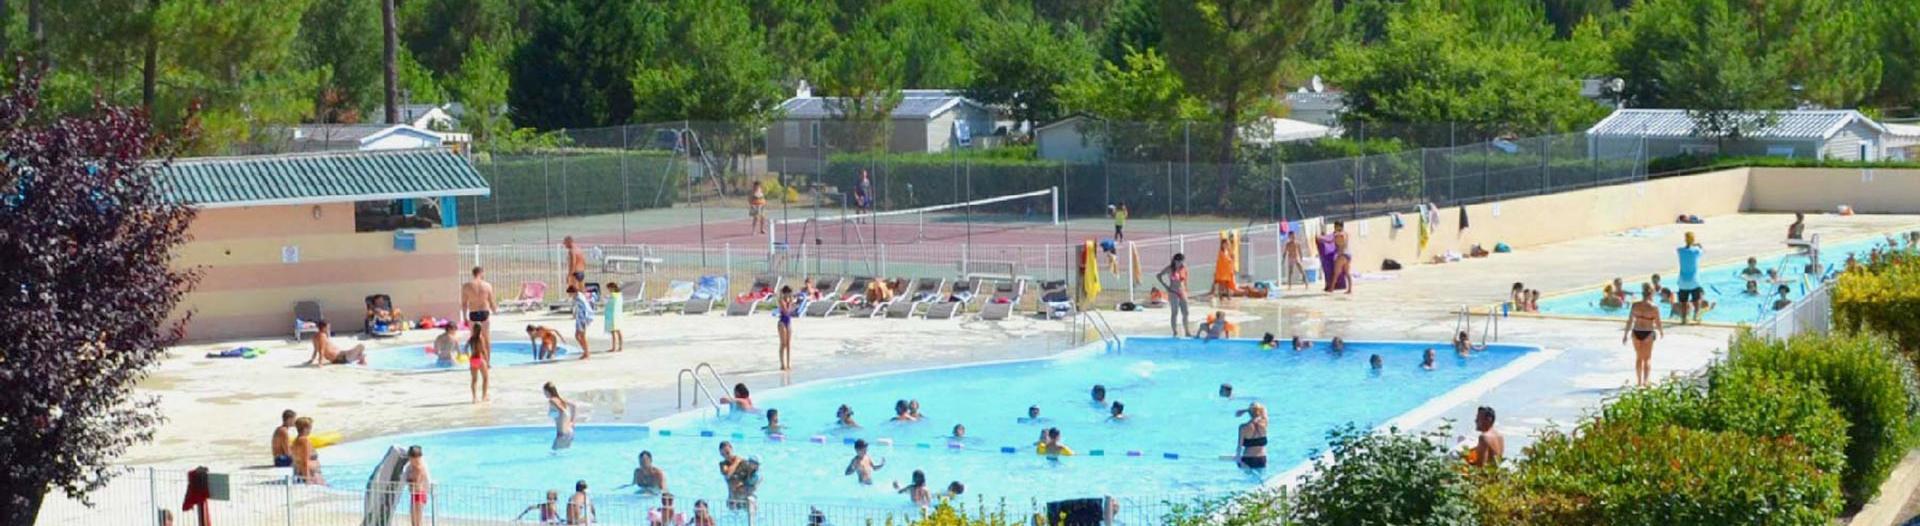 slider-camping-dune-de-contis-piscine